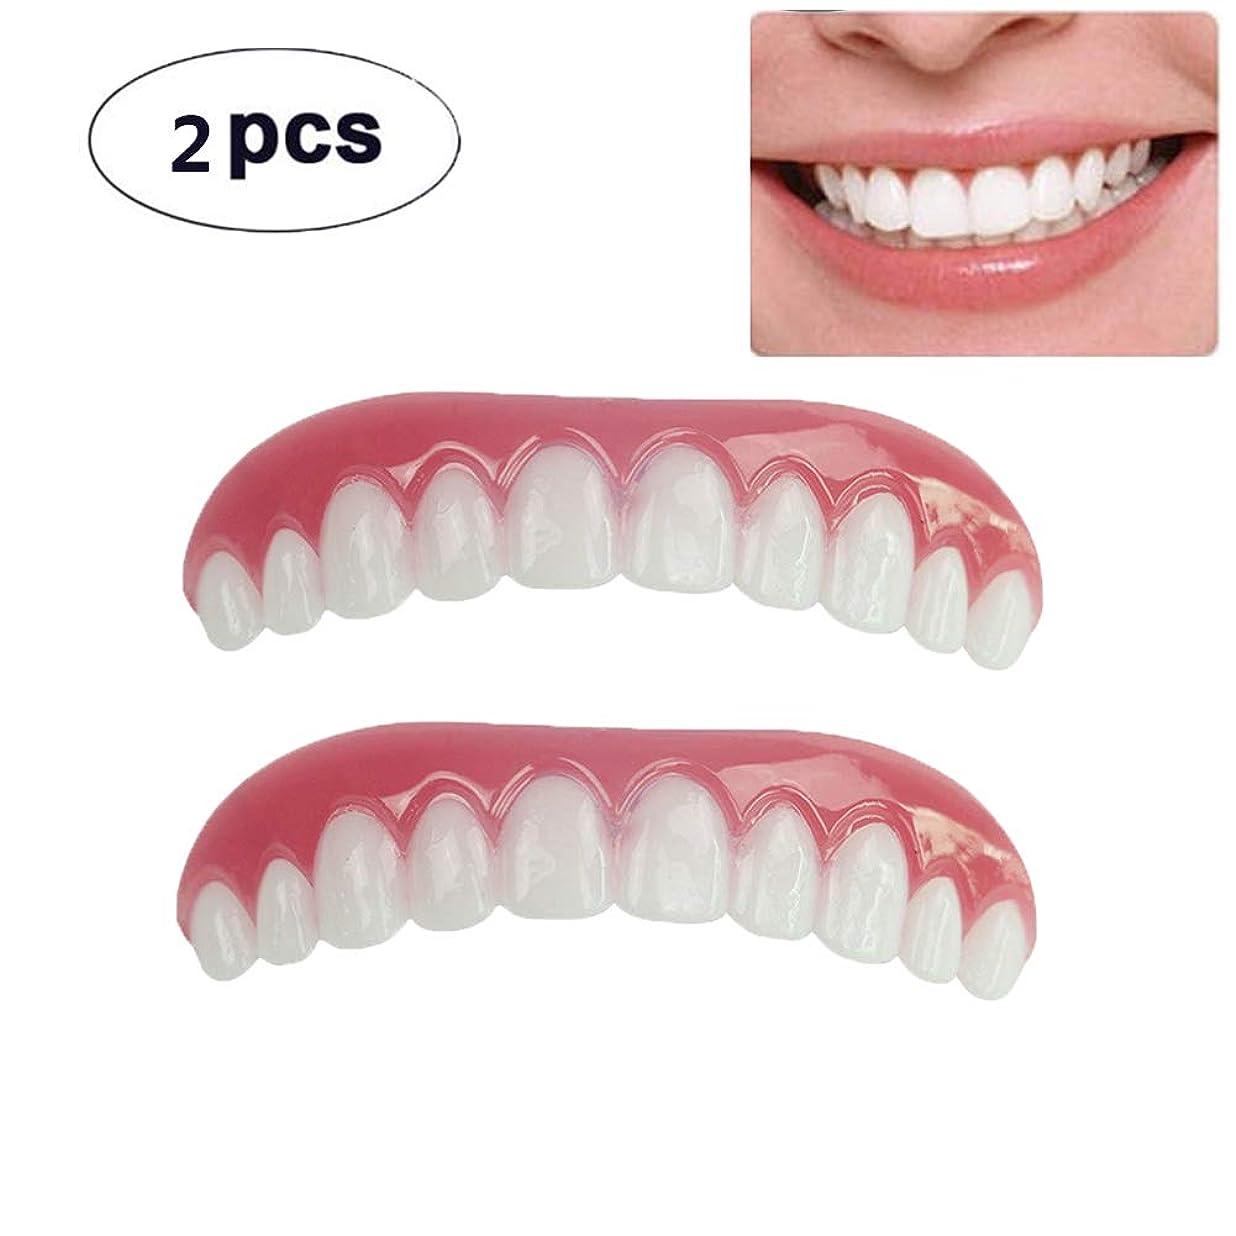 叫ぶ困難事前に2枚の歯科用化粧板が歯の化粧化粧板の上部にぴったり合うサイズがすべての義歯の接着剤の歯に似ています偽の歯の笑顔